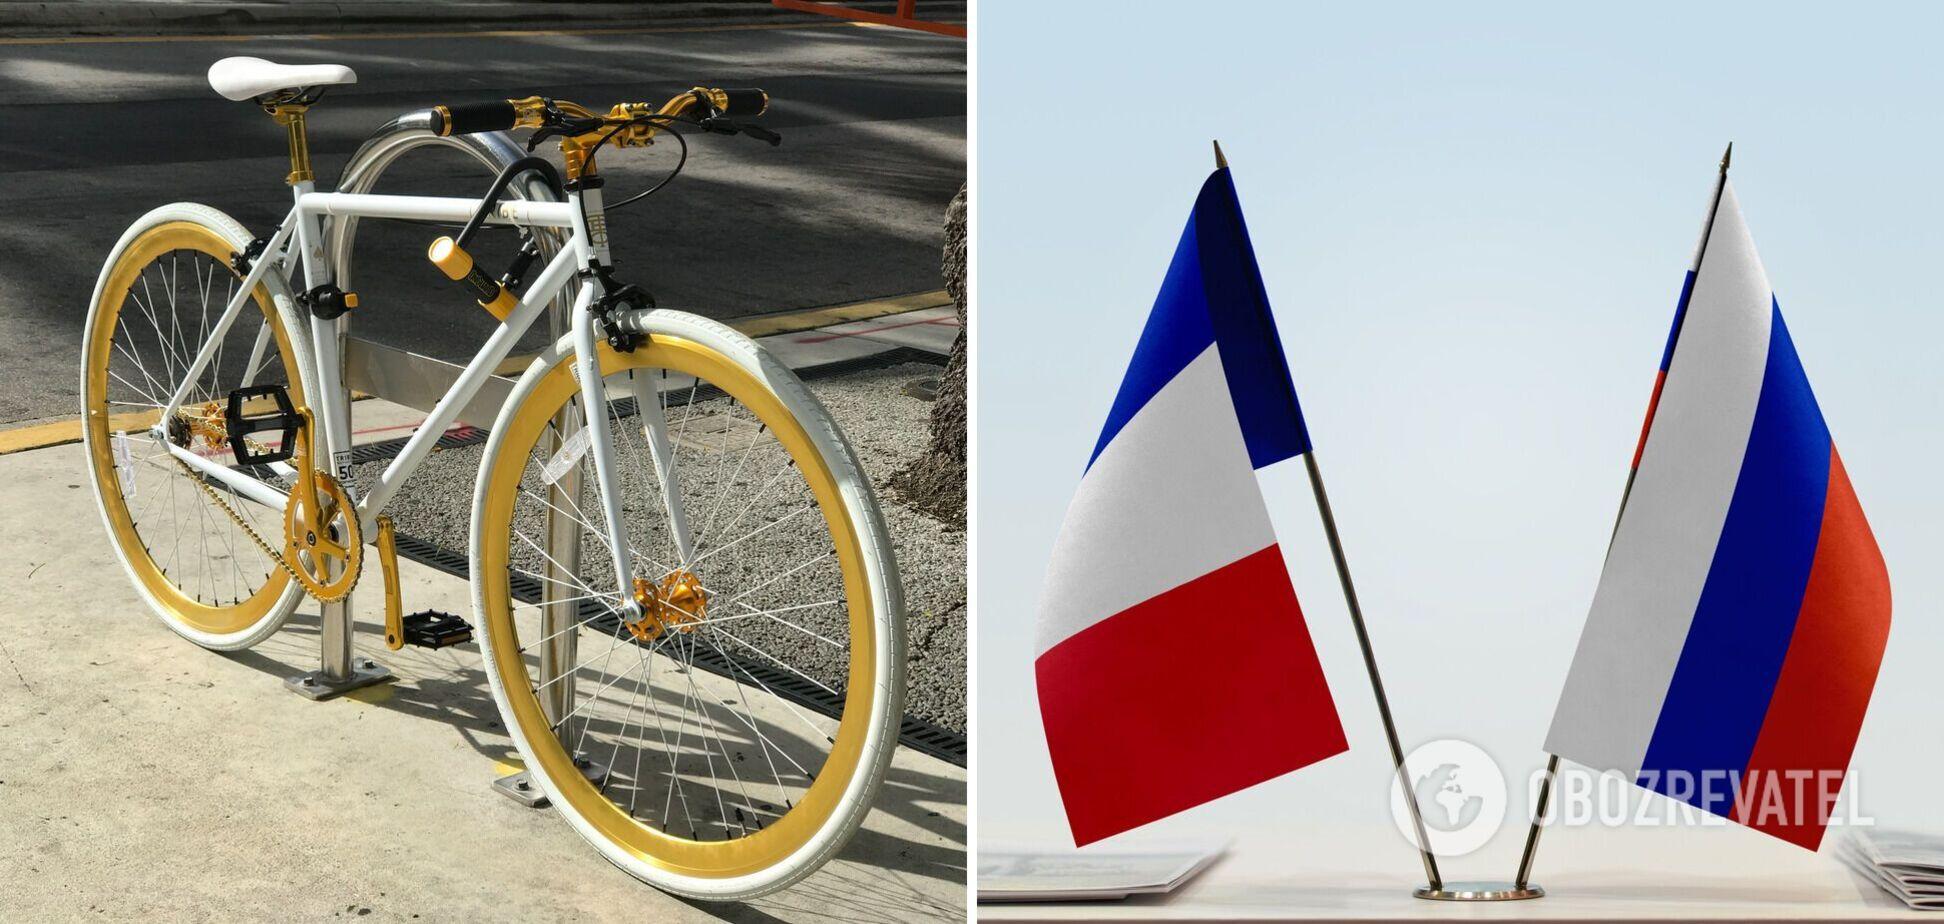 Велосипедний скандал з водієм дипломата РФ